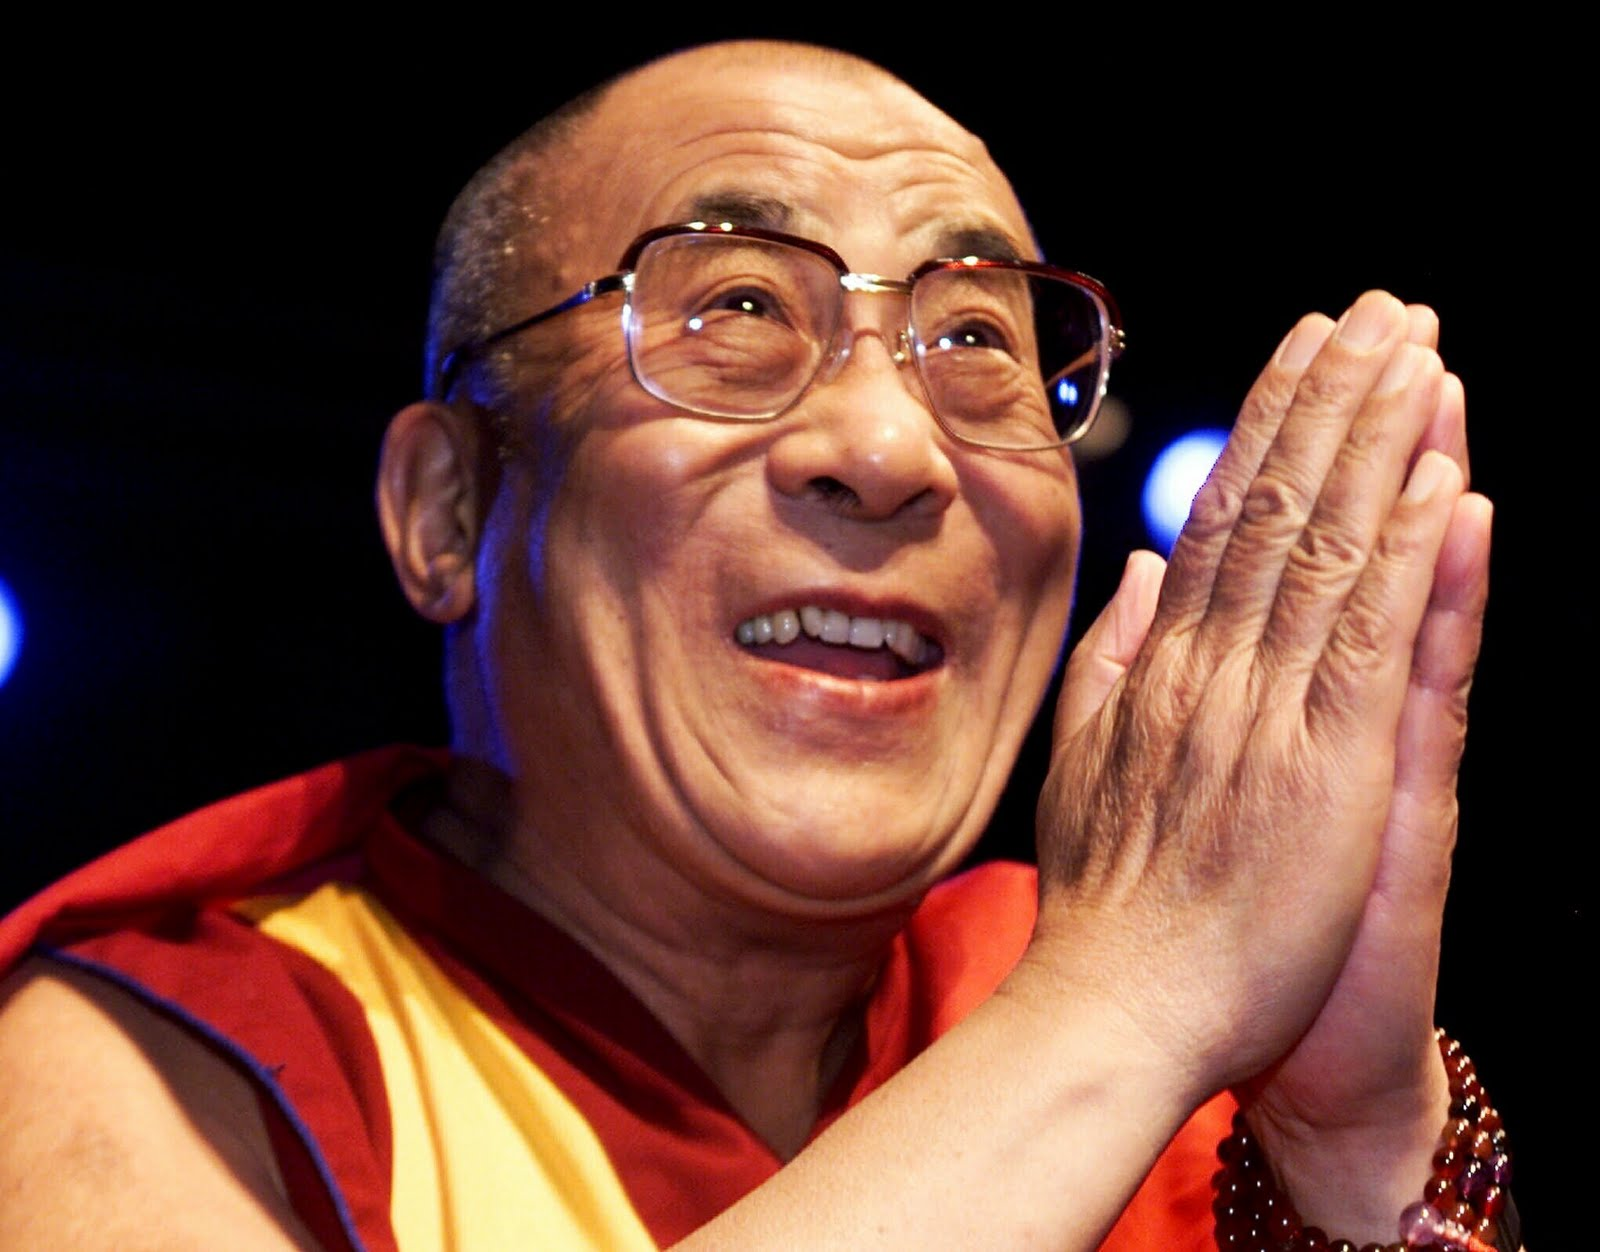 Sua Santità il XIV Dalai Lama: Il Buddha, dopo aver insegnato le prime due verità: la verità della sofferenza, la verità dell'origine della sofferenza,subito dopocontinua con l'insegnamento sulla verità della cessazione edil sentiero che conduce alla libertà.